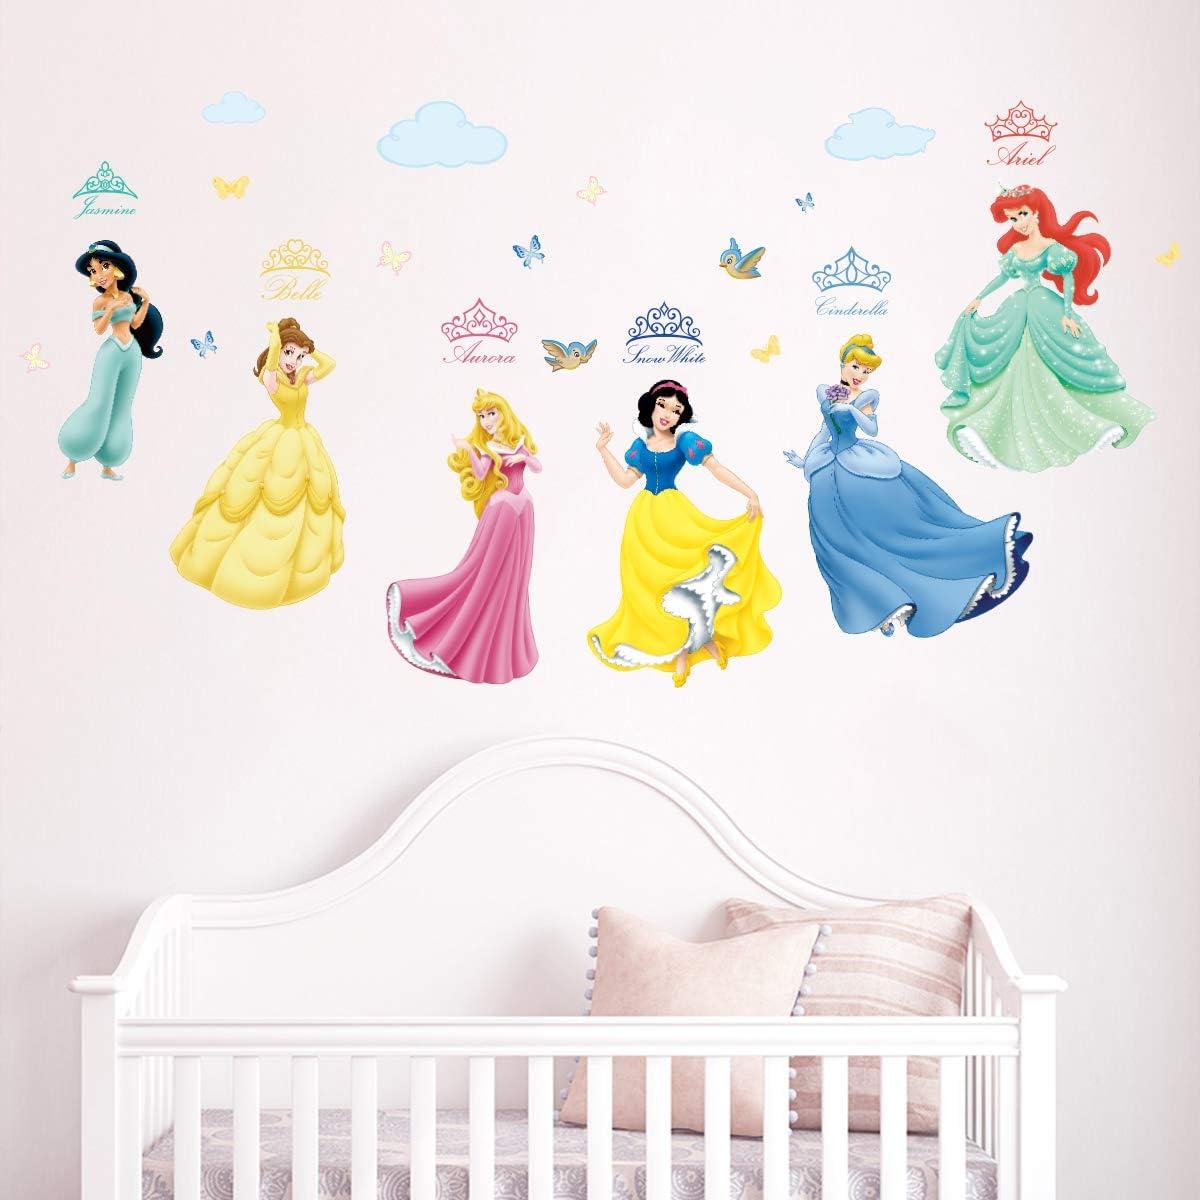 Runtoo Pegatinas de Pared Princesa Stickers Adhesivos Vinilo Niñas Decorativas Infantiles Habitacion Bebe